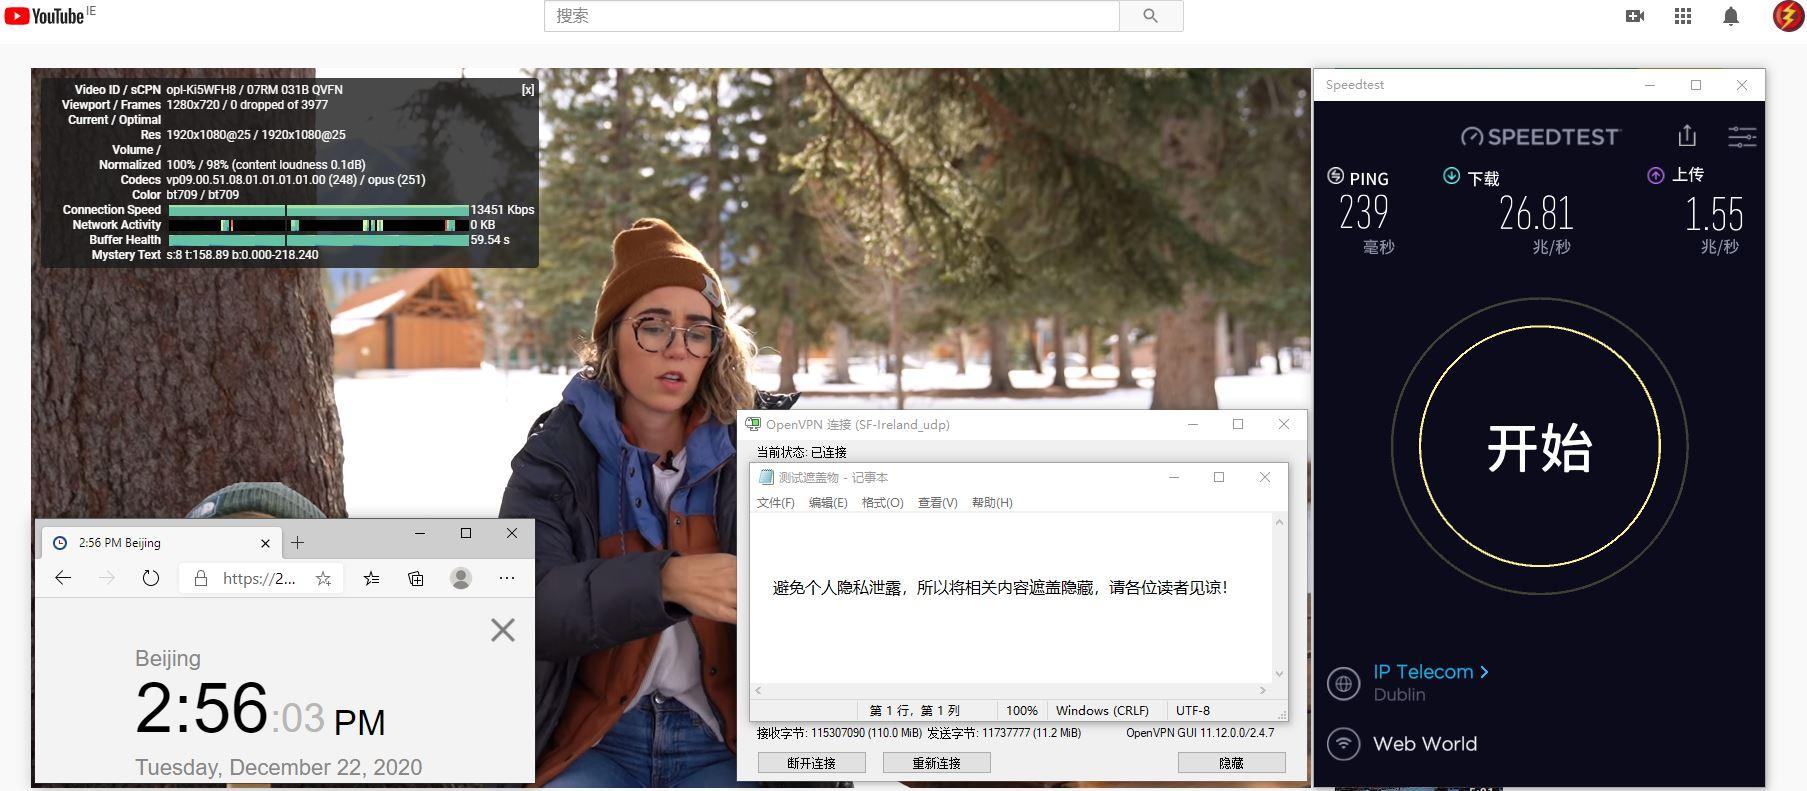 Windows10 SurfsharkVPN Ireland 服务器 中国VPN 翻墙 科学上网 测试 - 20201222